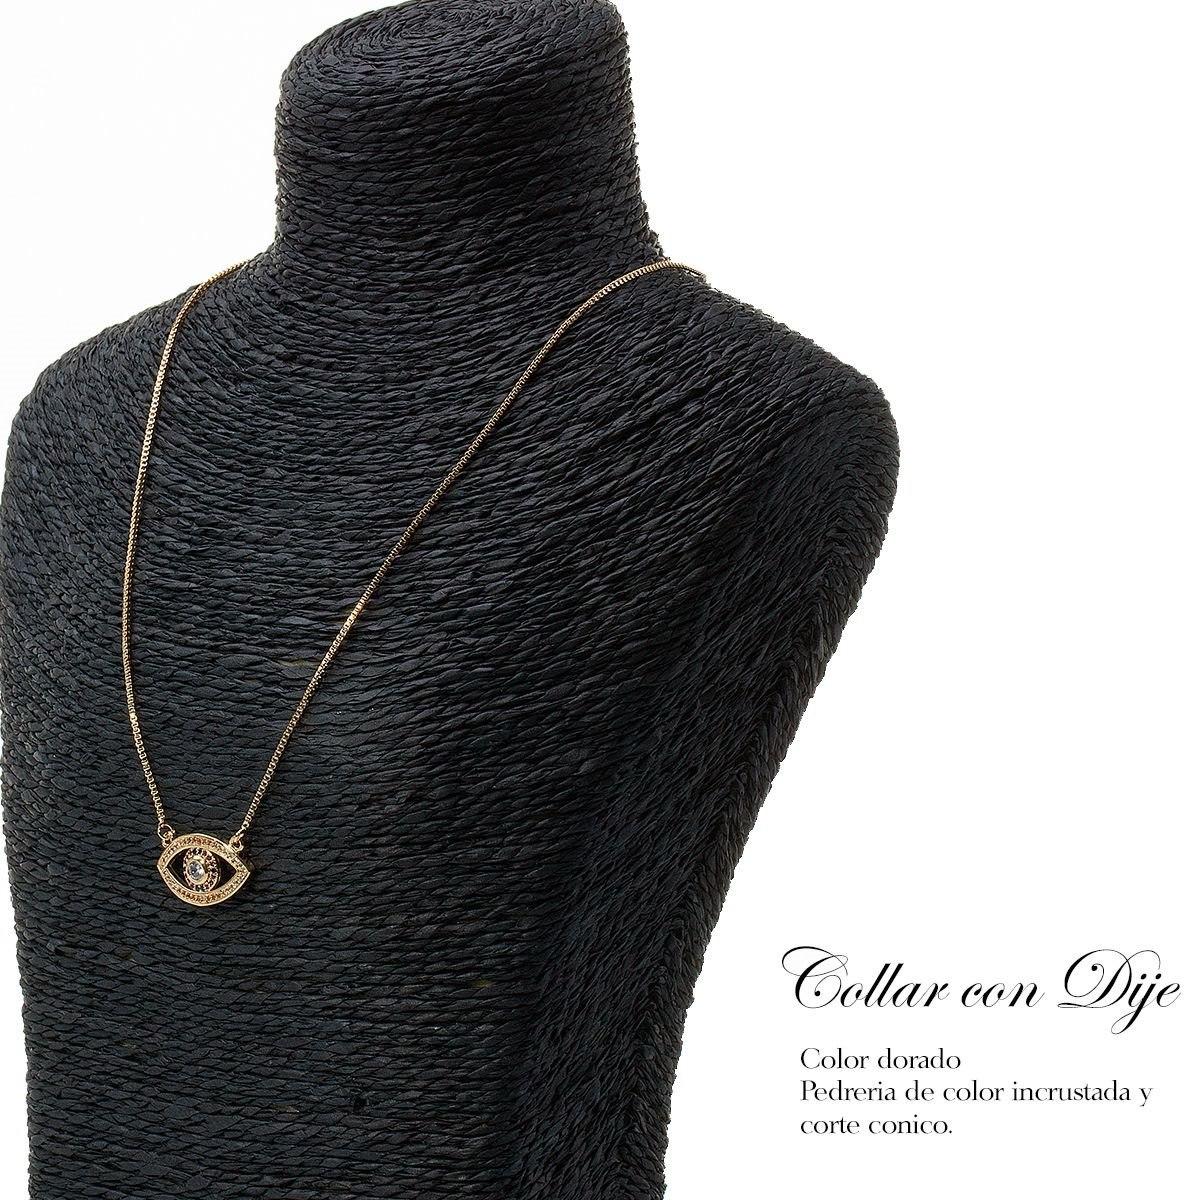 bd9d8432d6a6 Wg Set Fino Collar Pulsera Tipo Pandora Moda Mayoreo Cb003 ...